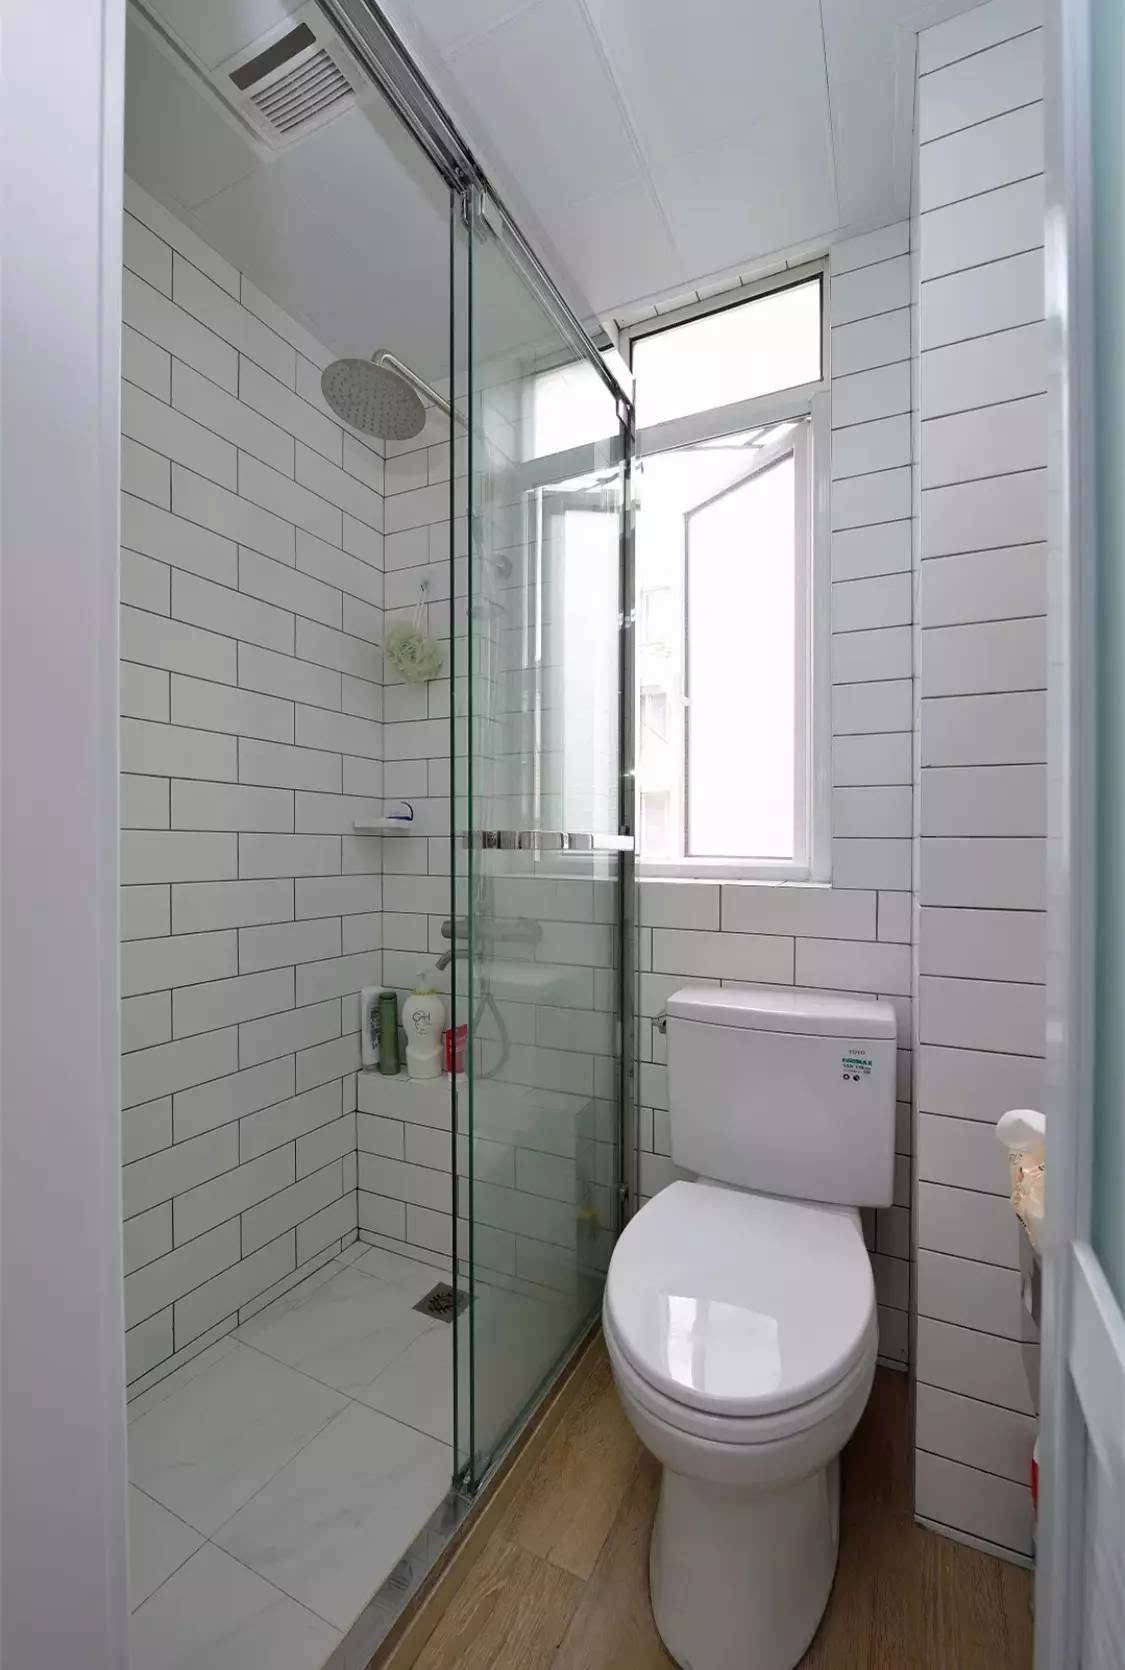 厕所 家居 设计 卫生间 卫生间装修 装修 1125_1670 竖版 竖屏